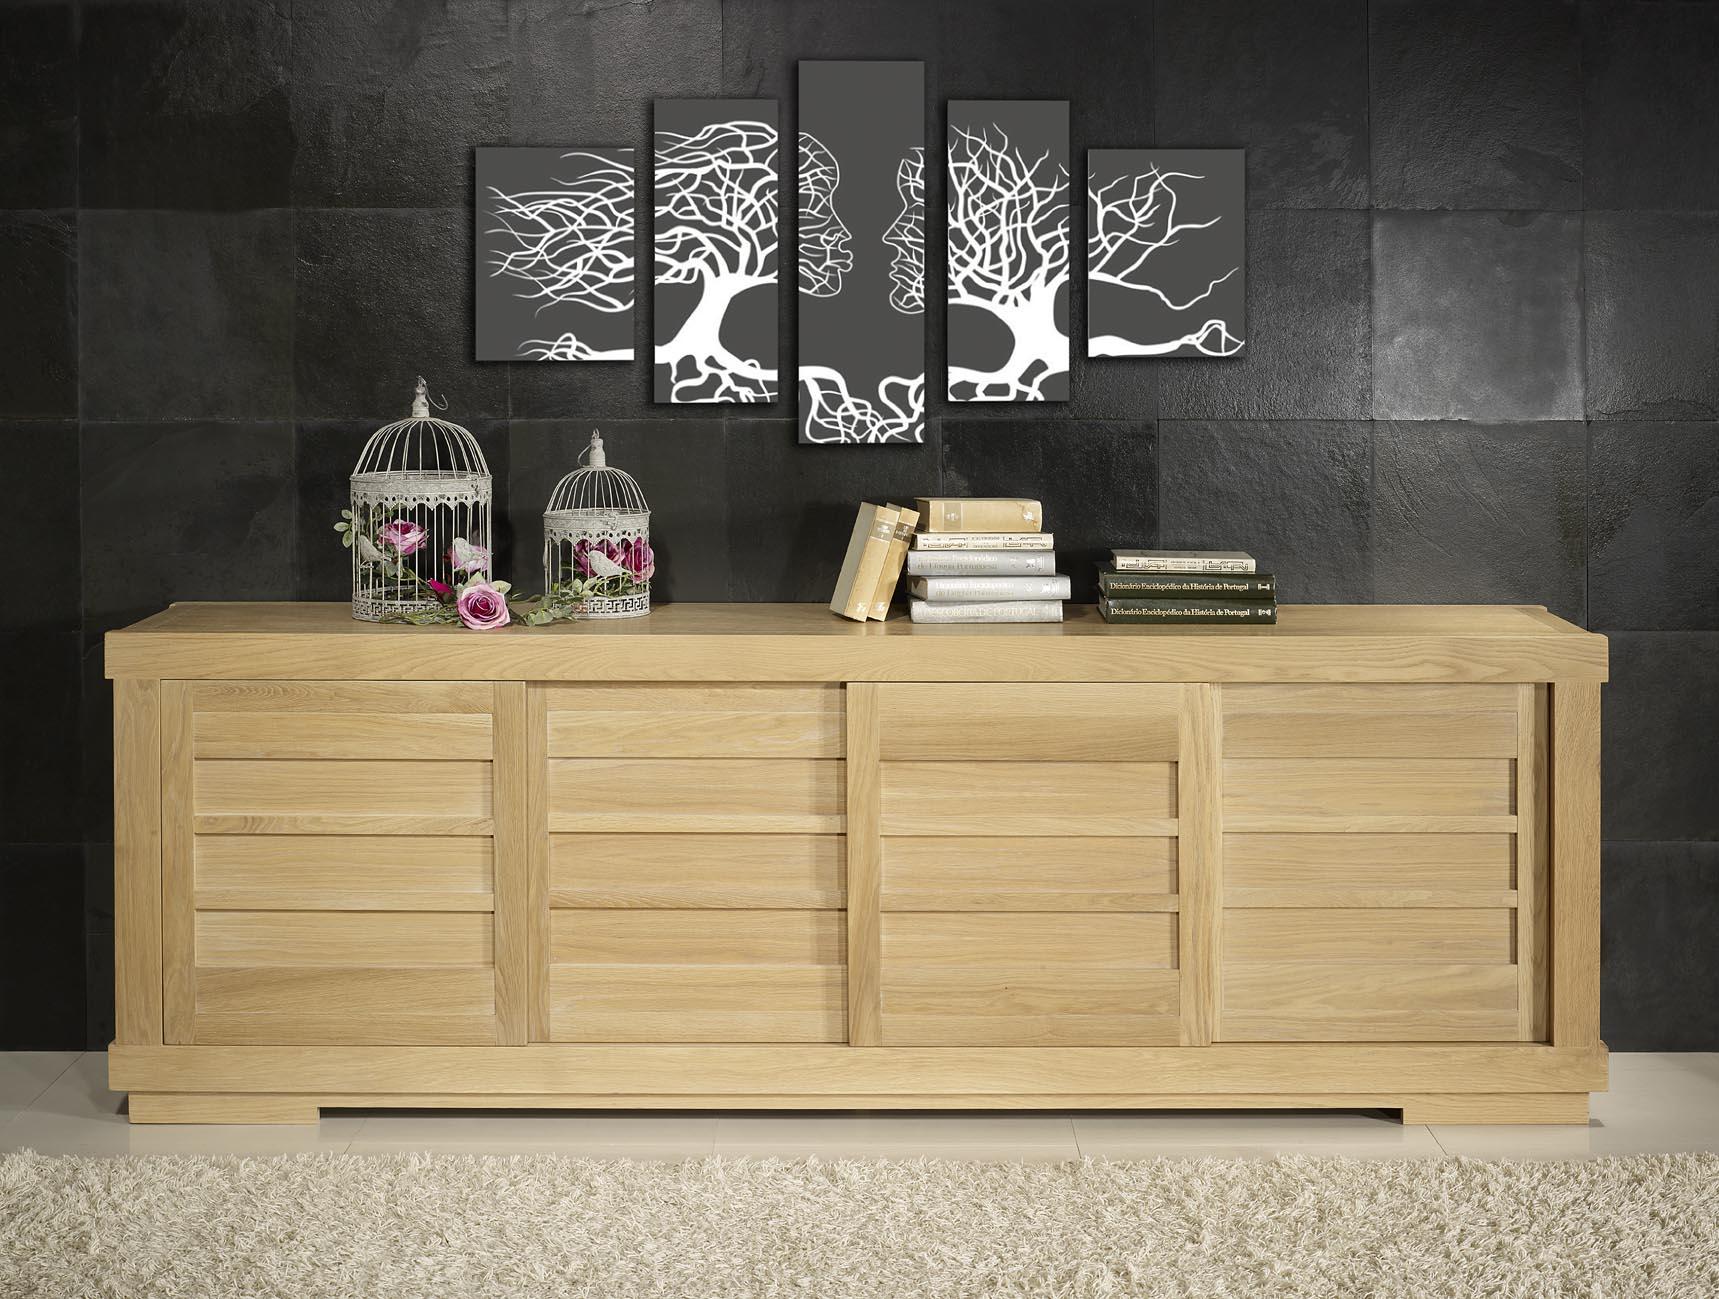 bahut 4 portes coulissantes menuiserie image et conseil. Black Bedroom Furniture Sets. Home Design Ideas